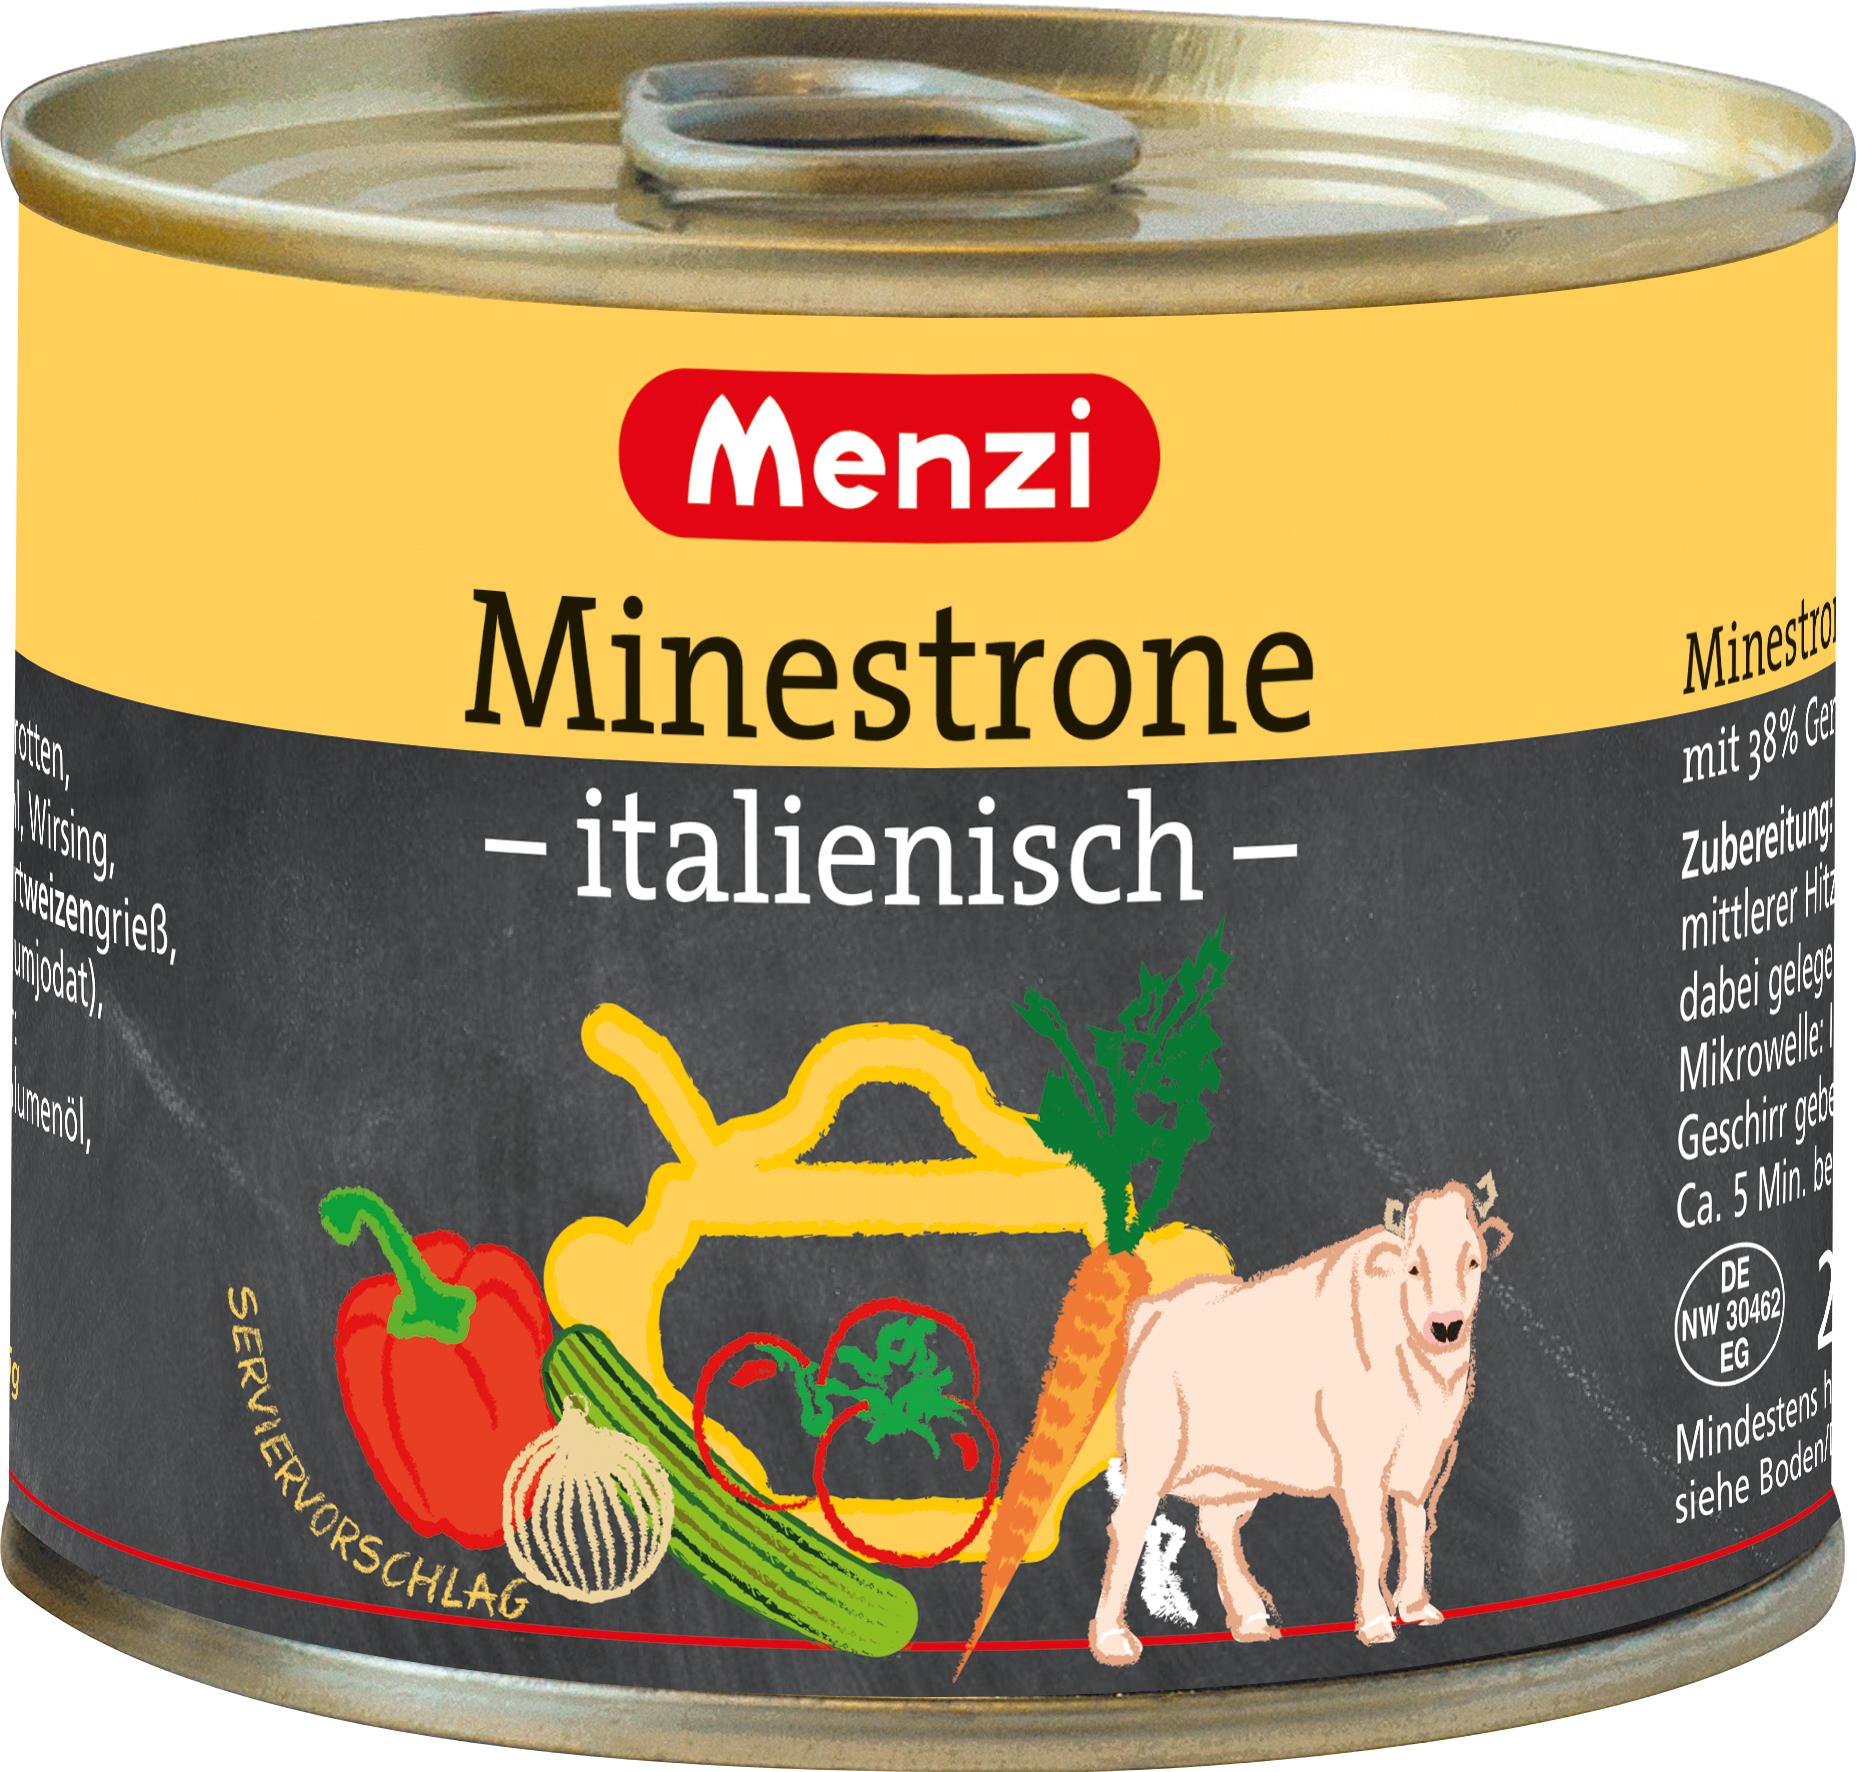 minestrone-italienisch-von-menzi-sparpack-mit-5-x-200ml